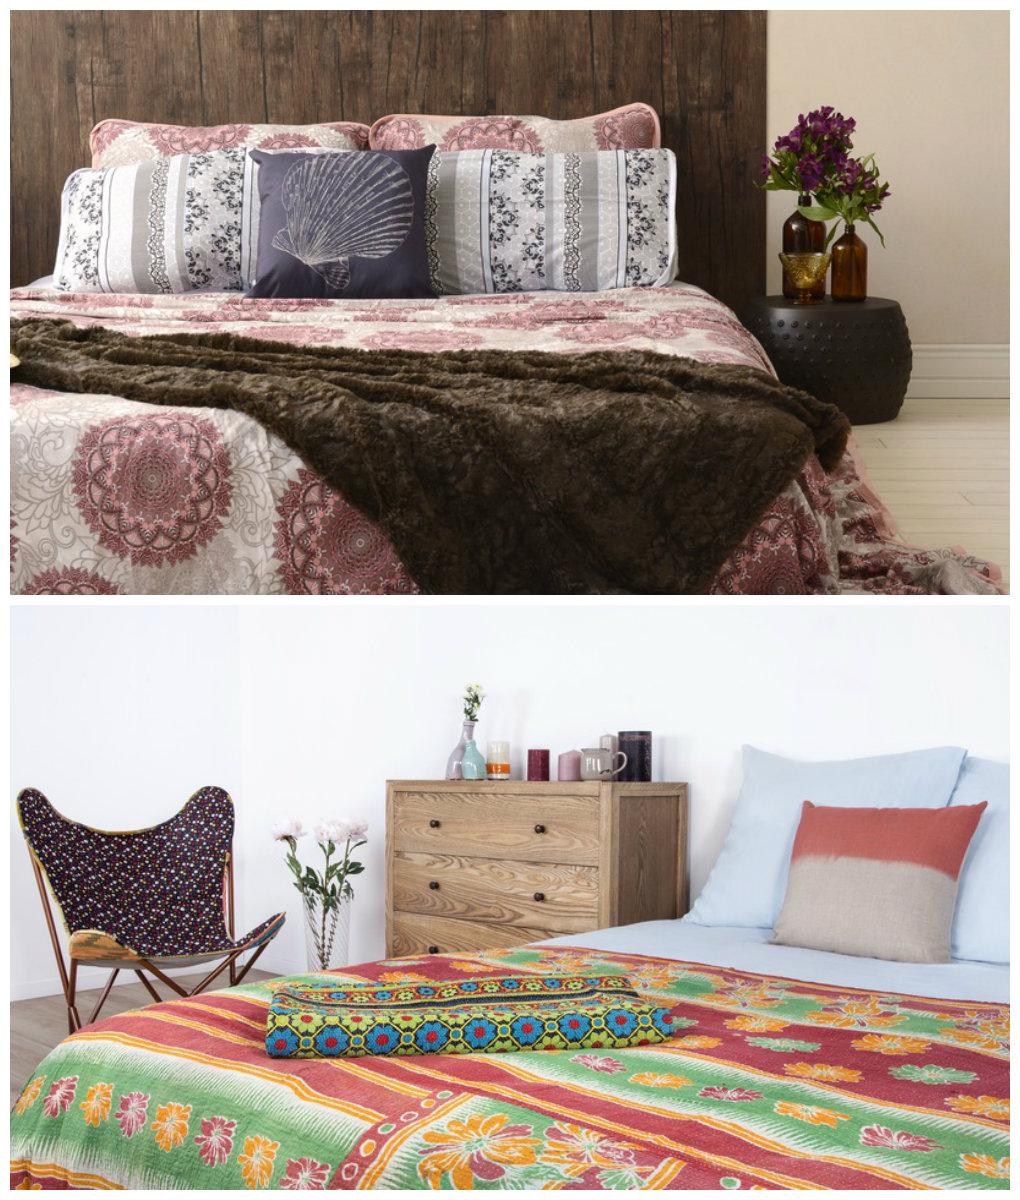 Dise o de dormitorios tendencias e inspiraci n westwing for Disenos de cuartos modernos